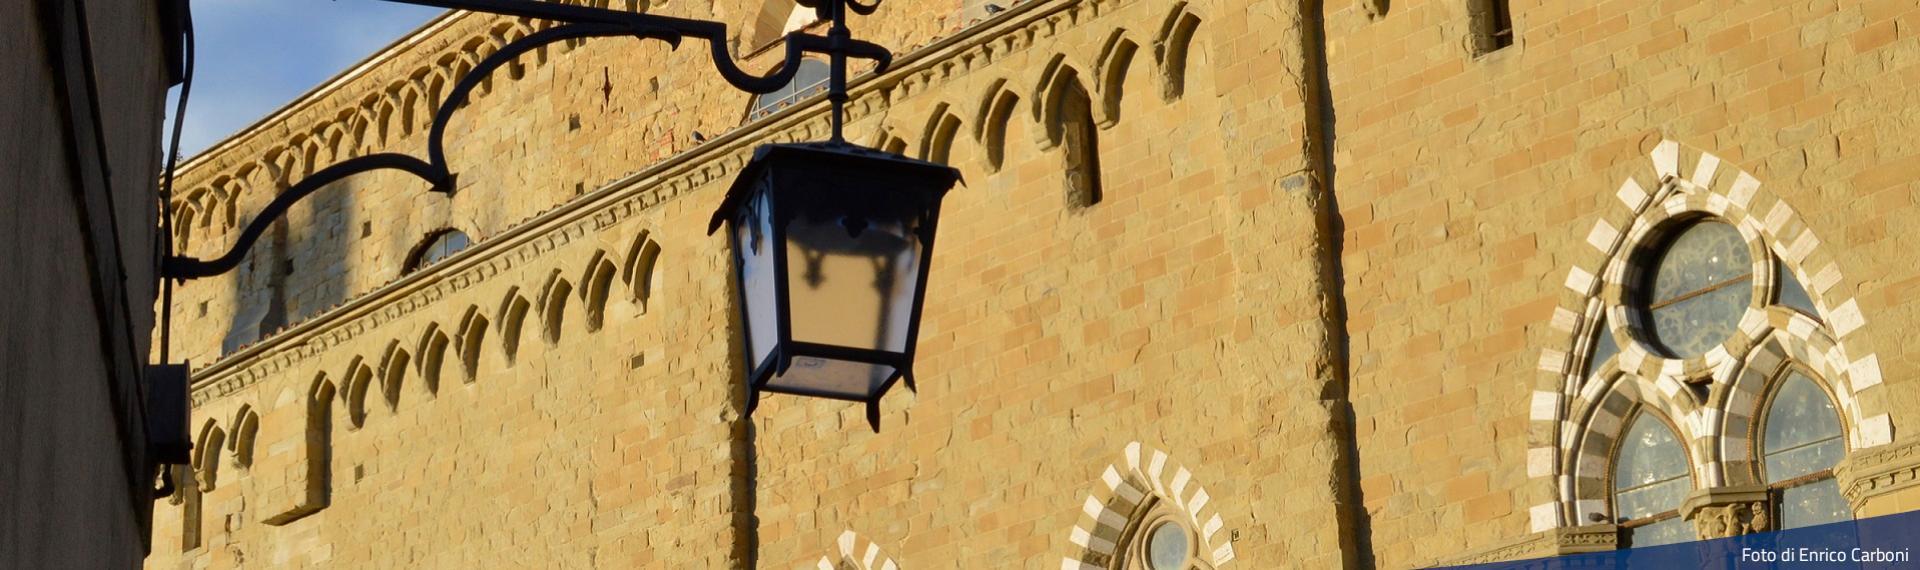 Particolare del Duomo di Arezzo